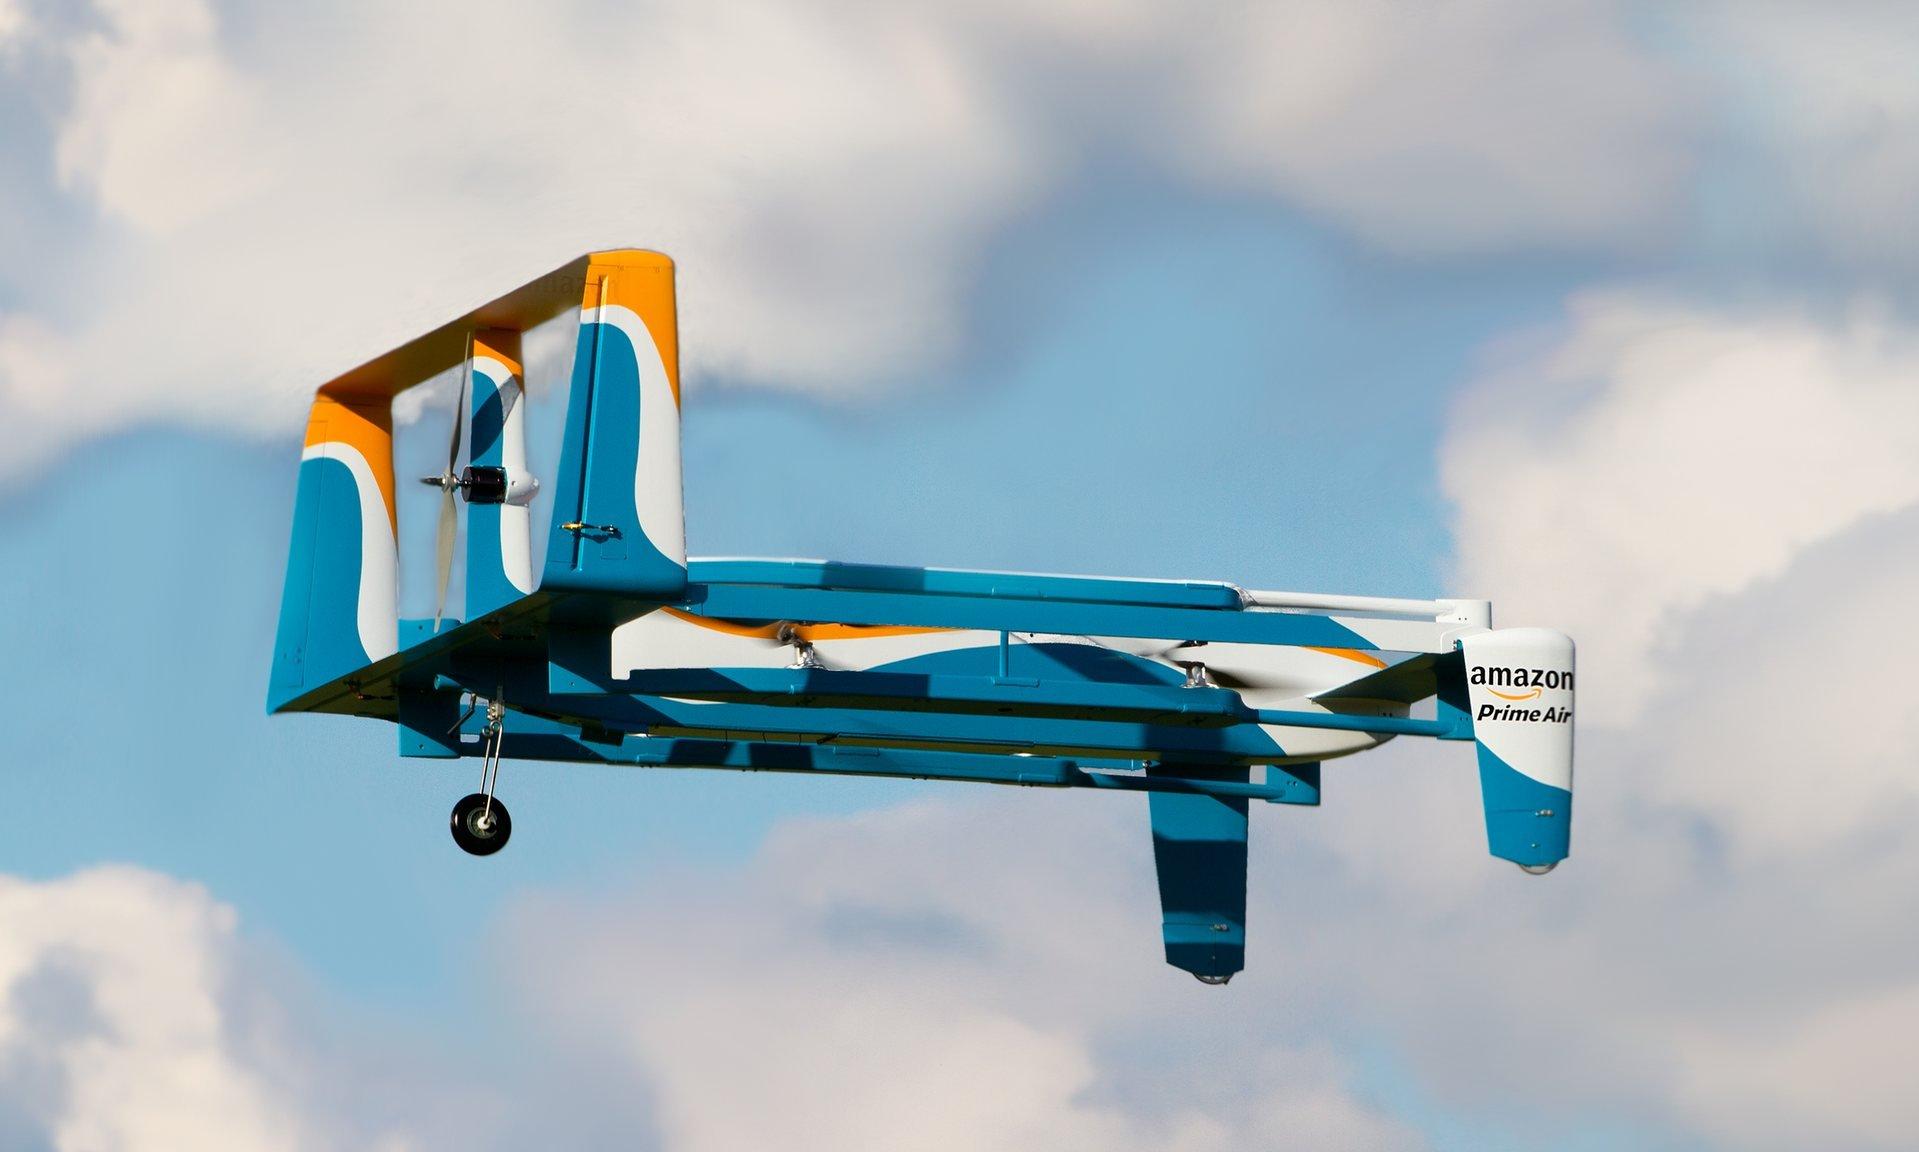 Amazon darf in Großbritannien sein Drohnenprogramm Prime Air testen. Flüge außer Sichtweite des Piloten sind dabei ebenso erlaubt wie Flüge, in denen ein Pilot mehrere Drohnen gleichzeitig steuert bzw. überwacht.